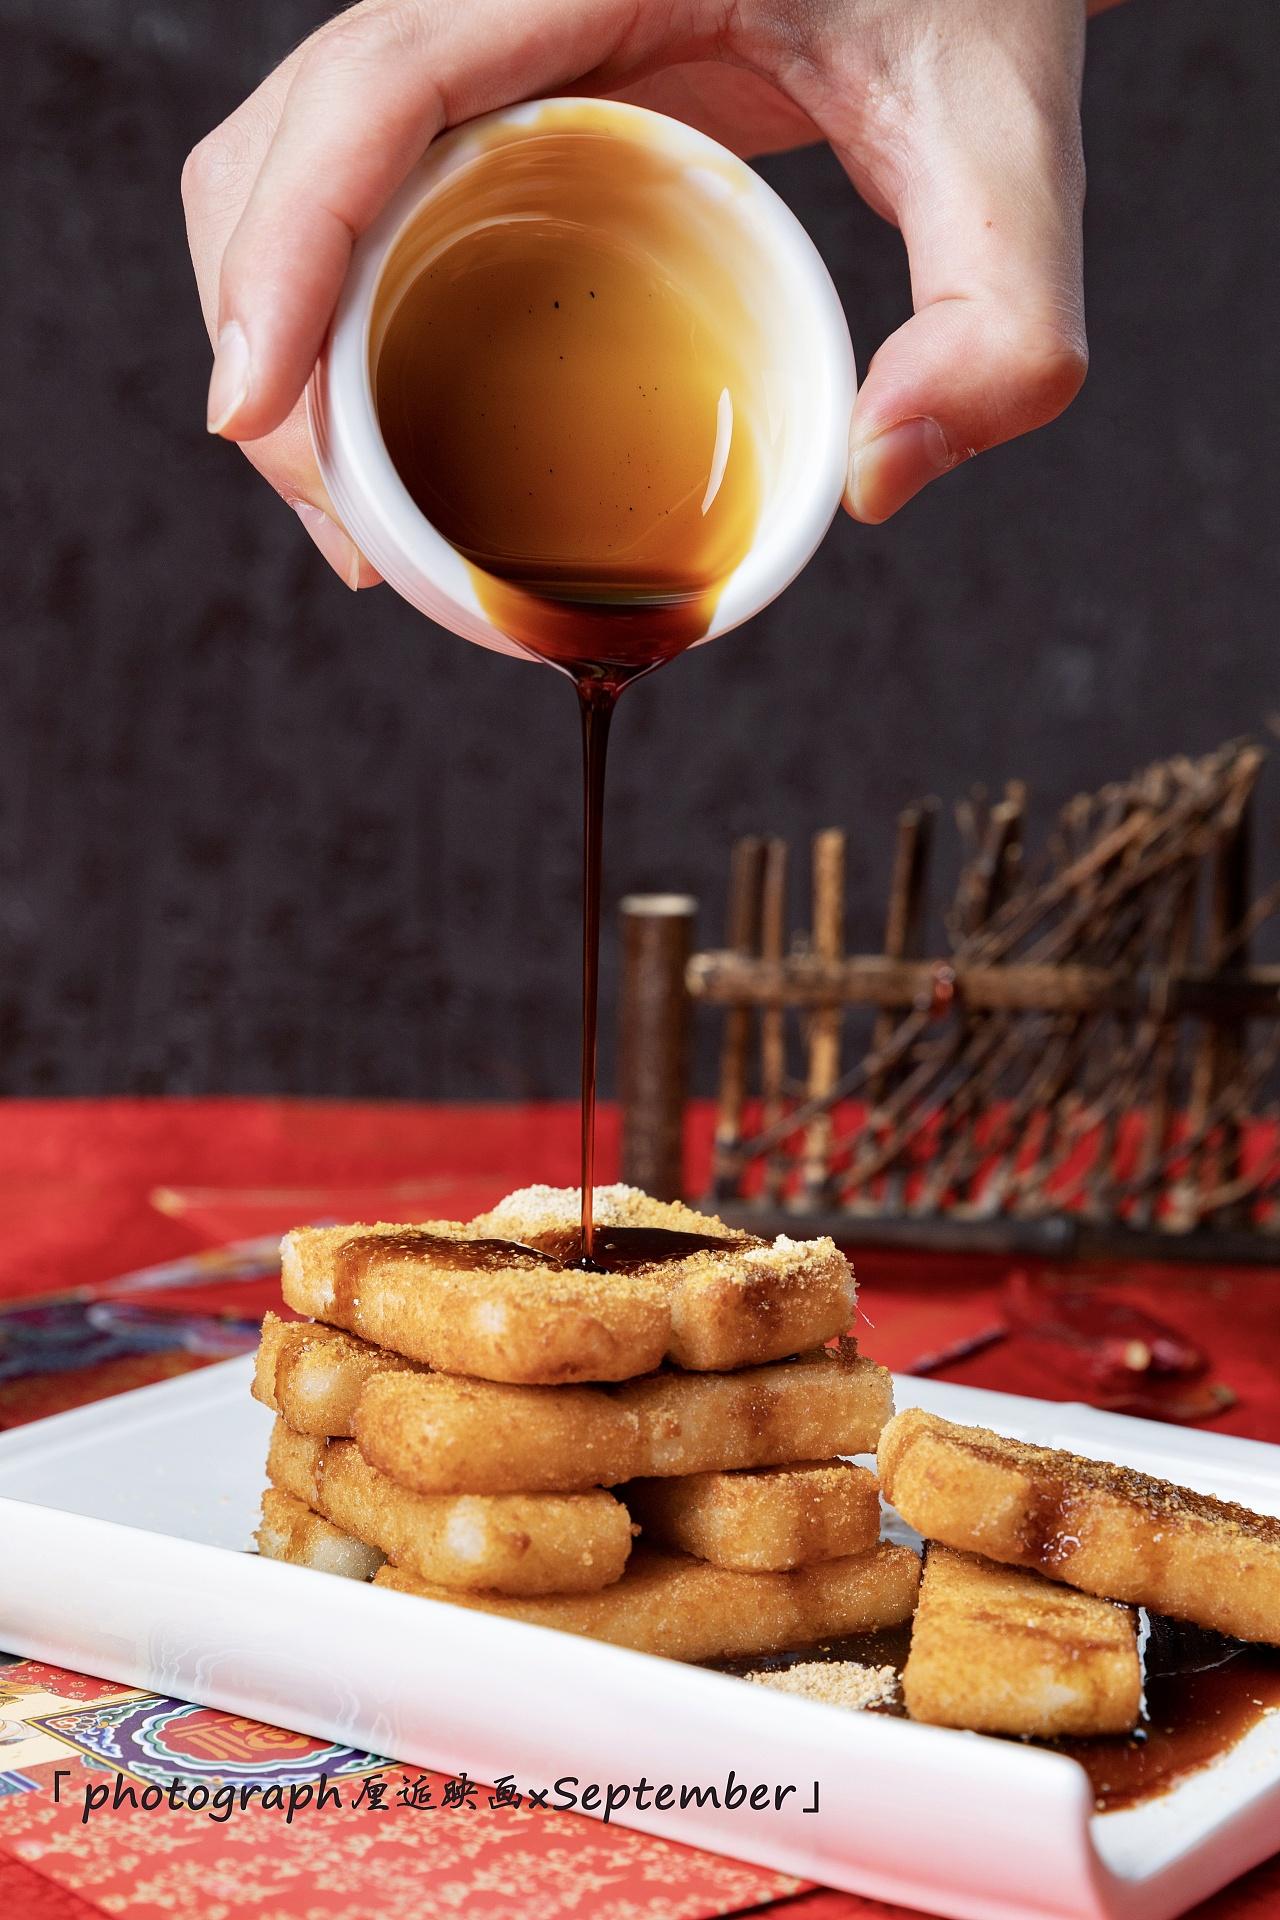 吃棒棒的图片_川菜系 菜单拍摄|摄影|静物|玥不吃 - 原创作品 - 站酷 (ZCOOL)